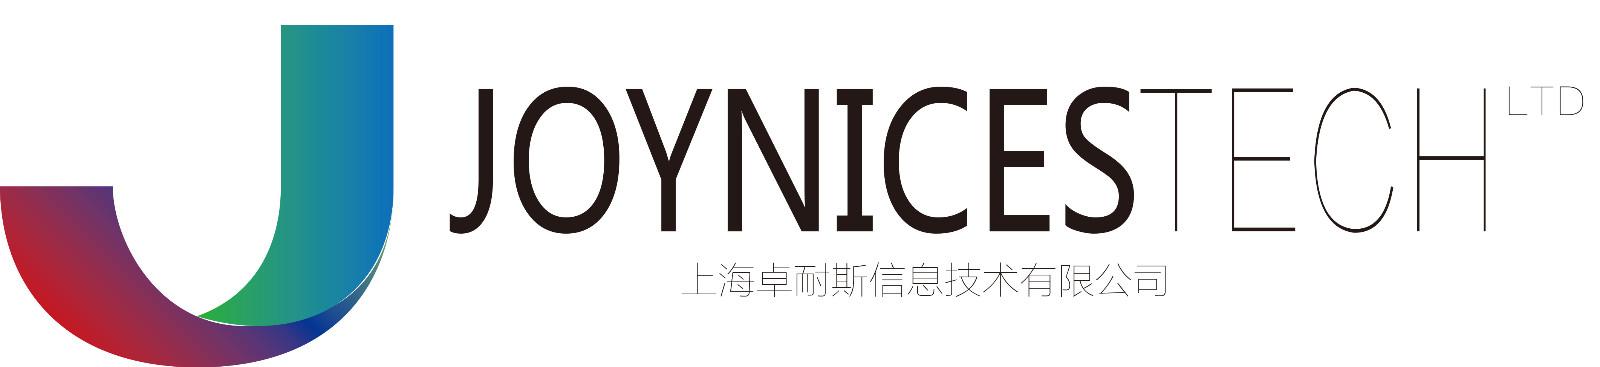 上海集成电路企业logo